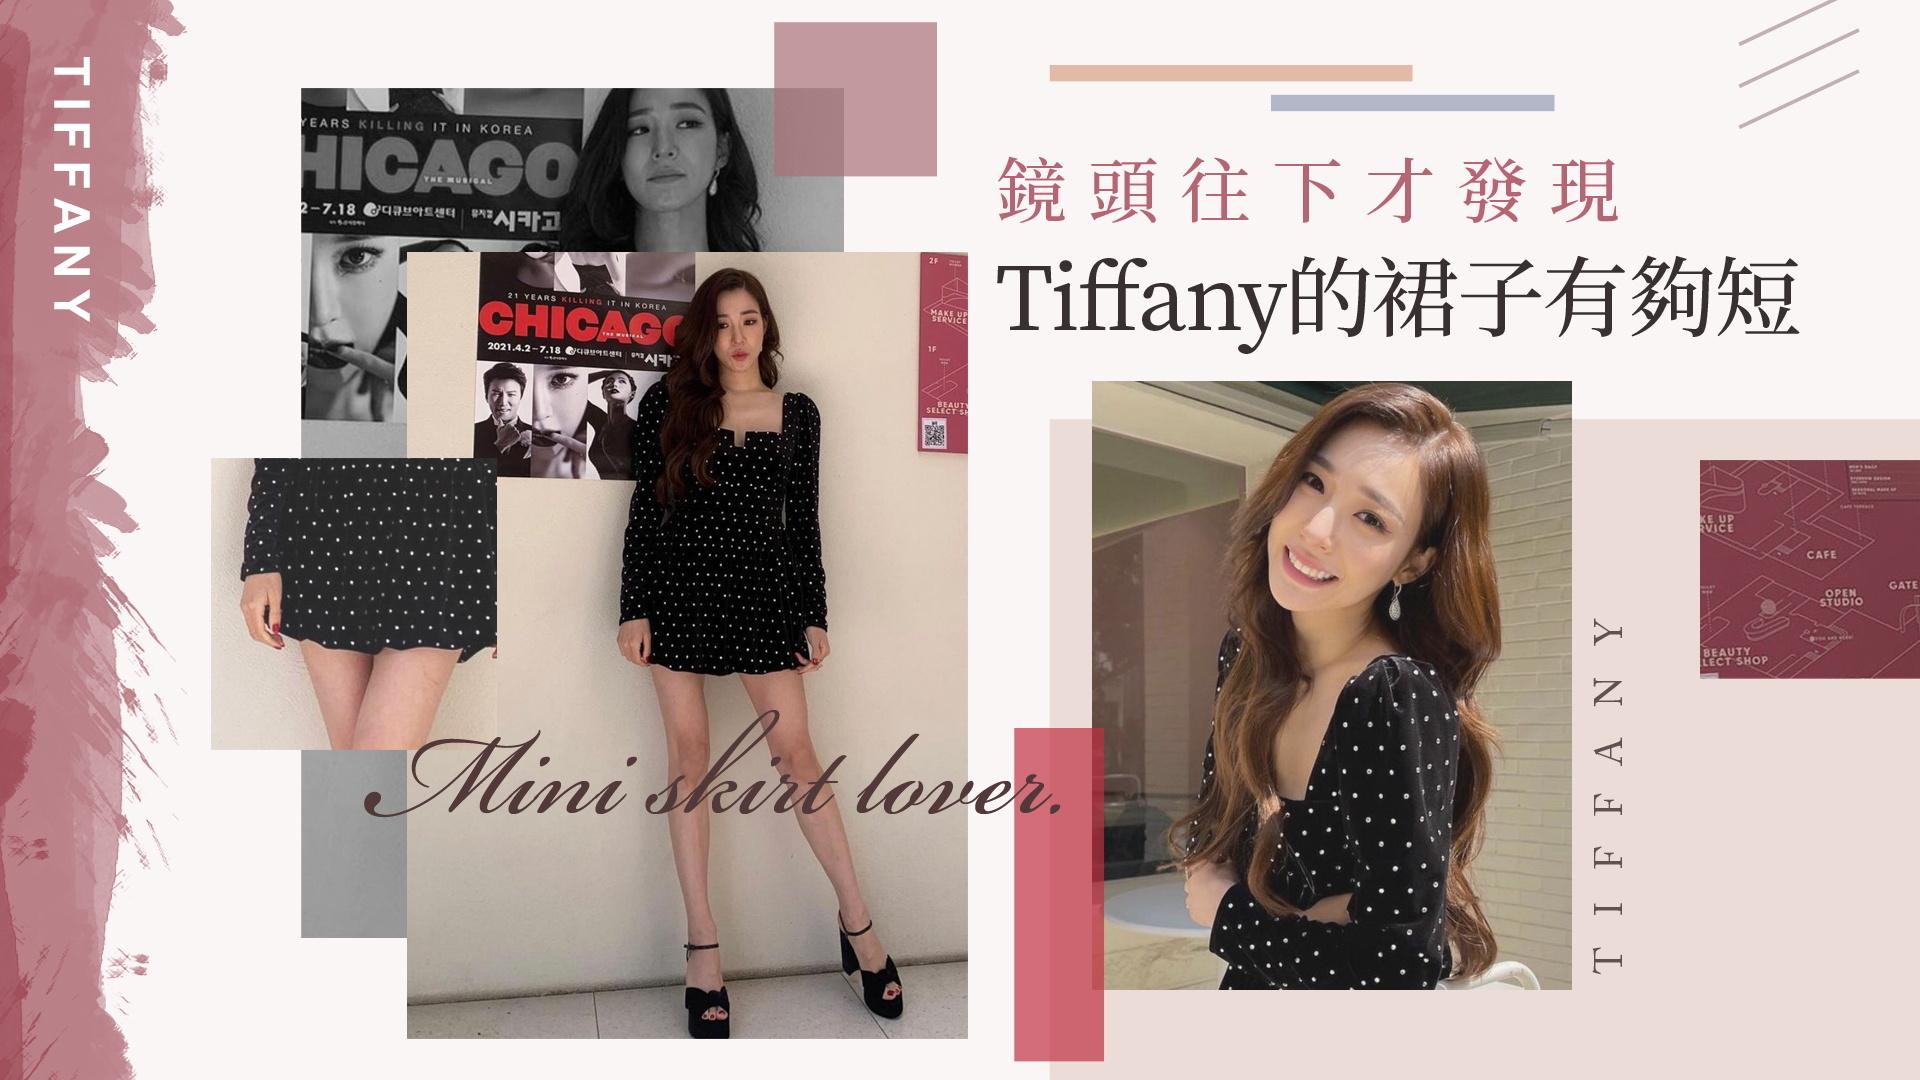 Tiffany 私照連發!往右滑驚見裙子超短「絕對領域」險曝光